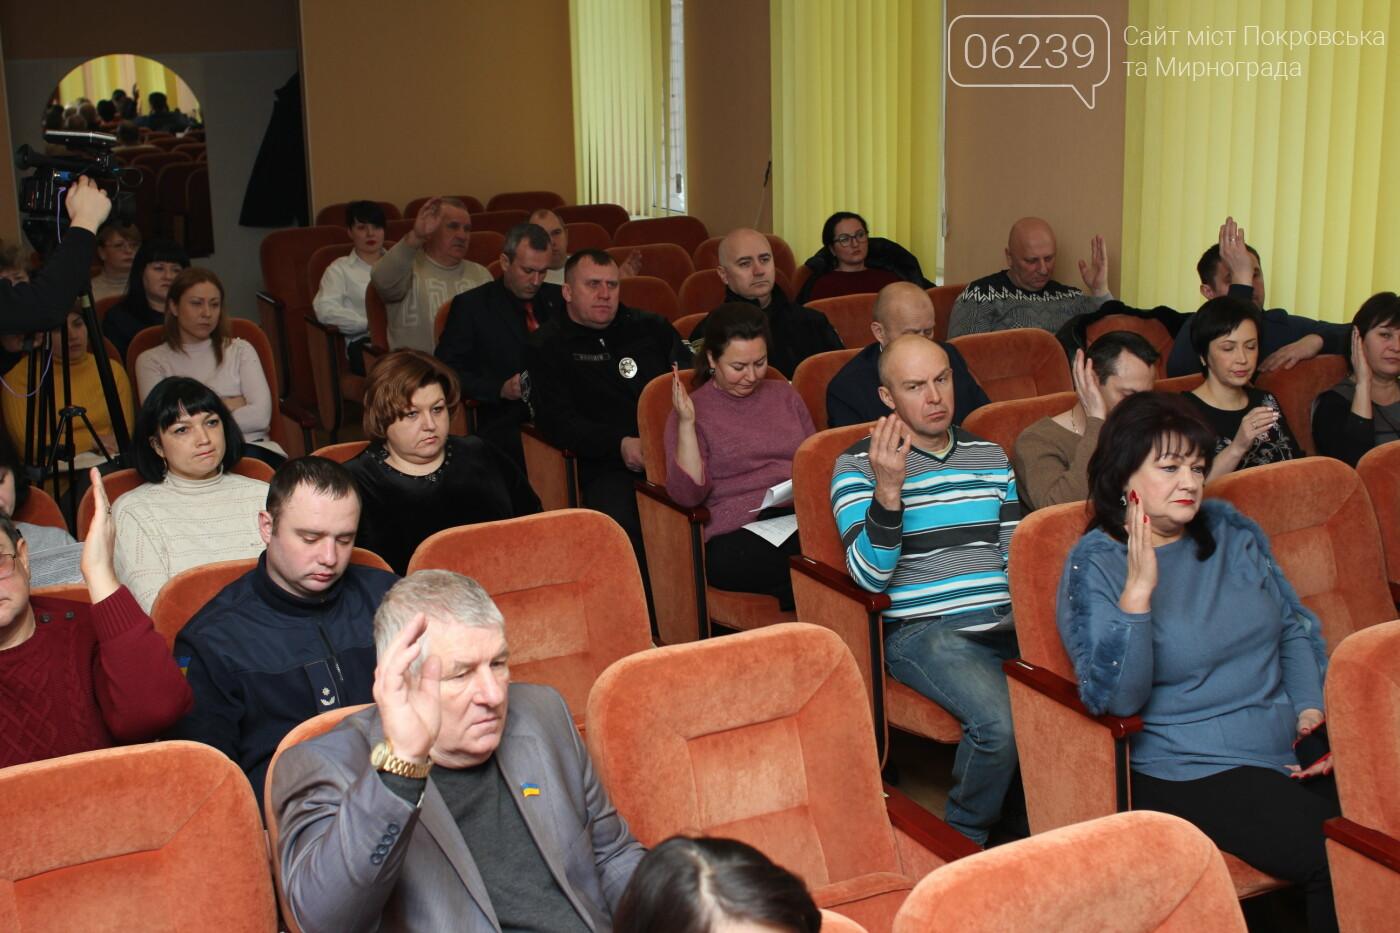 Изменения в бюджете и новый начальник отдела полиции: в Мирнограде состоялась 73-я сессия горсовета, фото-2